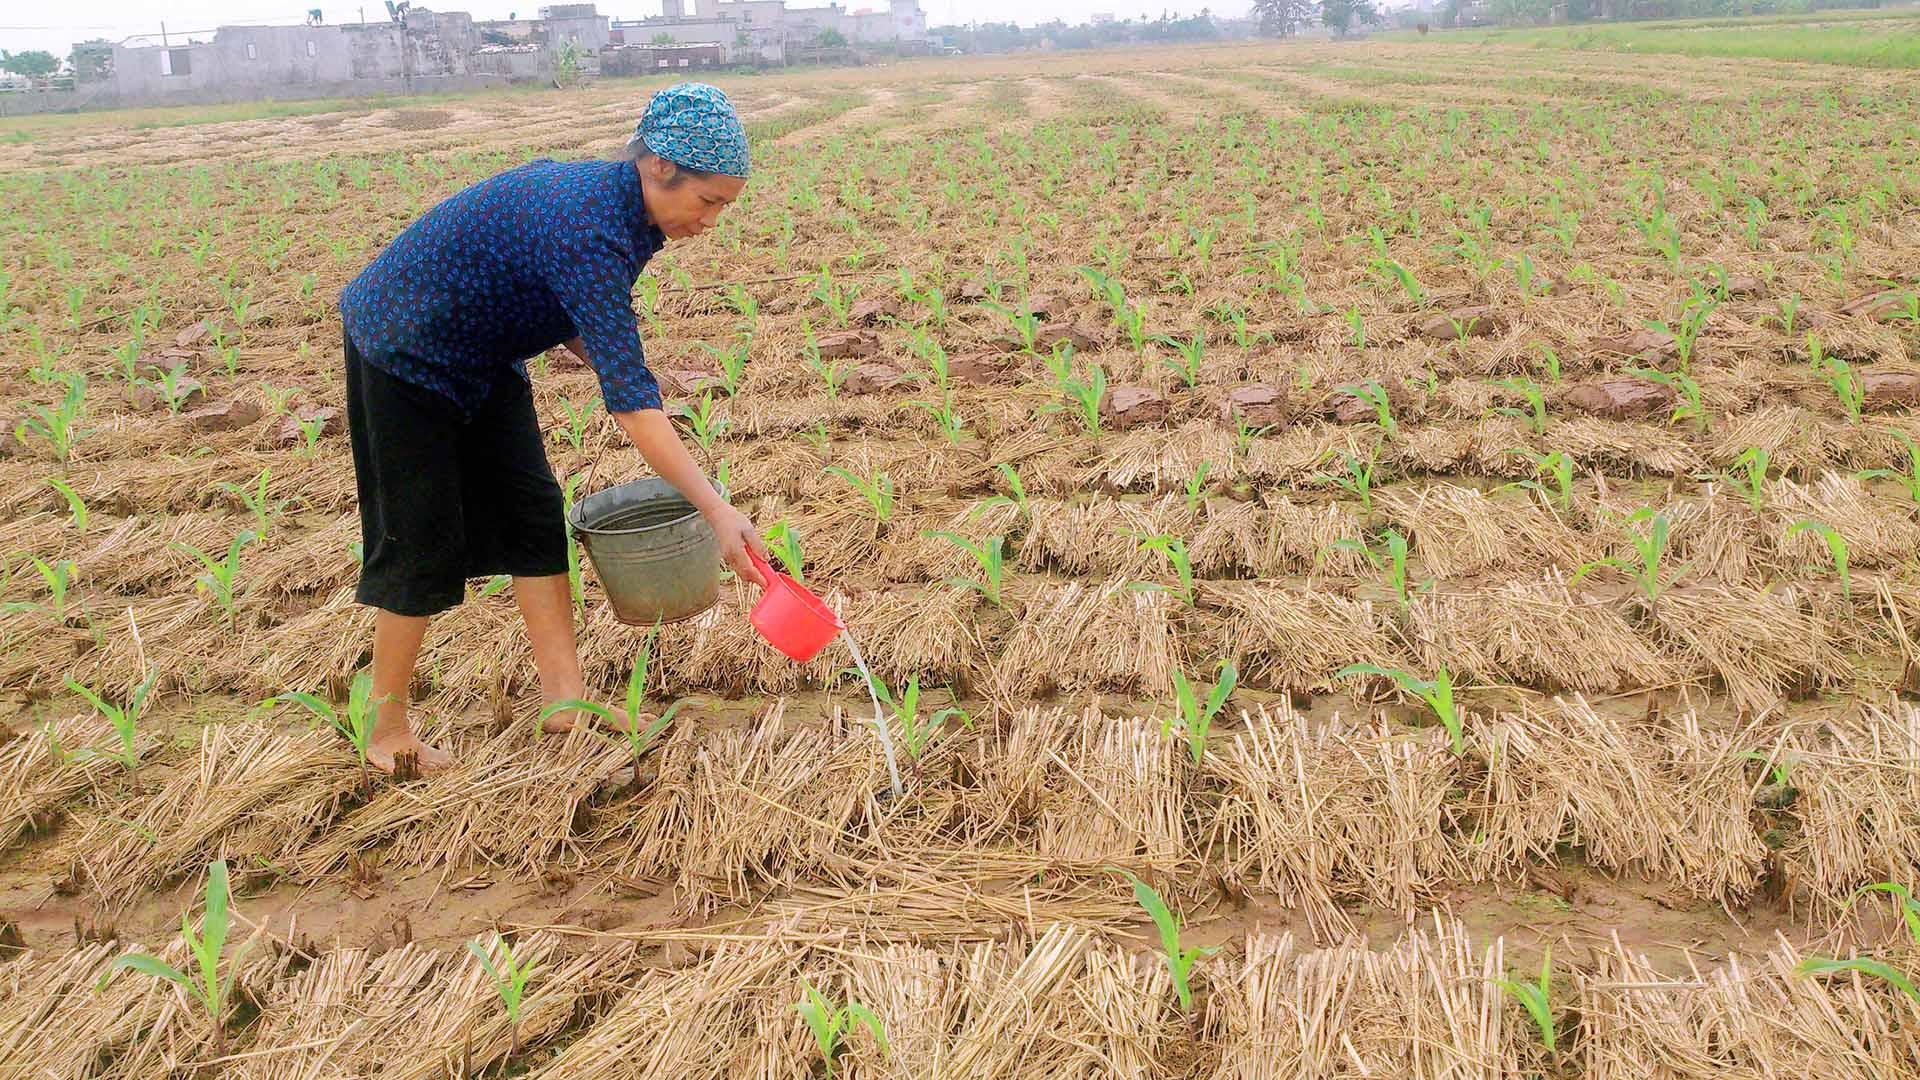 Chăm sóc, bón phân, tưới nước là khâu quan trọng trong kỹ thuật trồng cây ngô